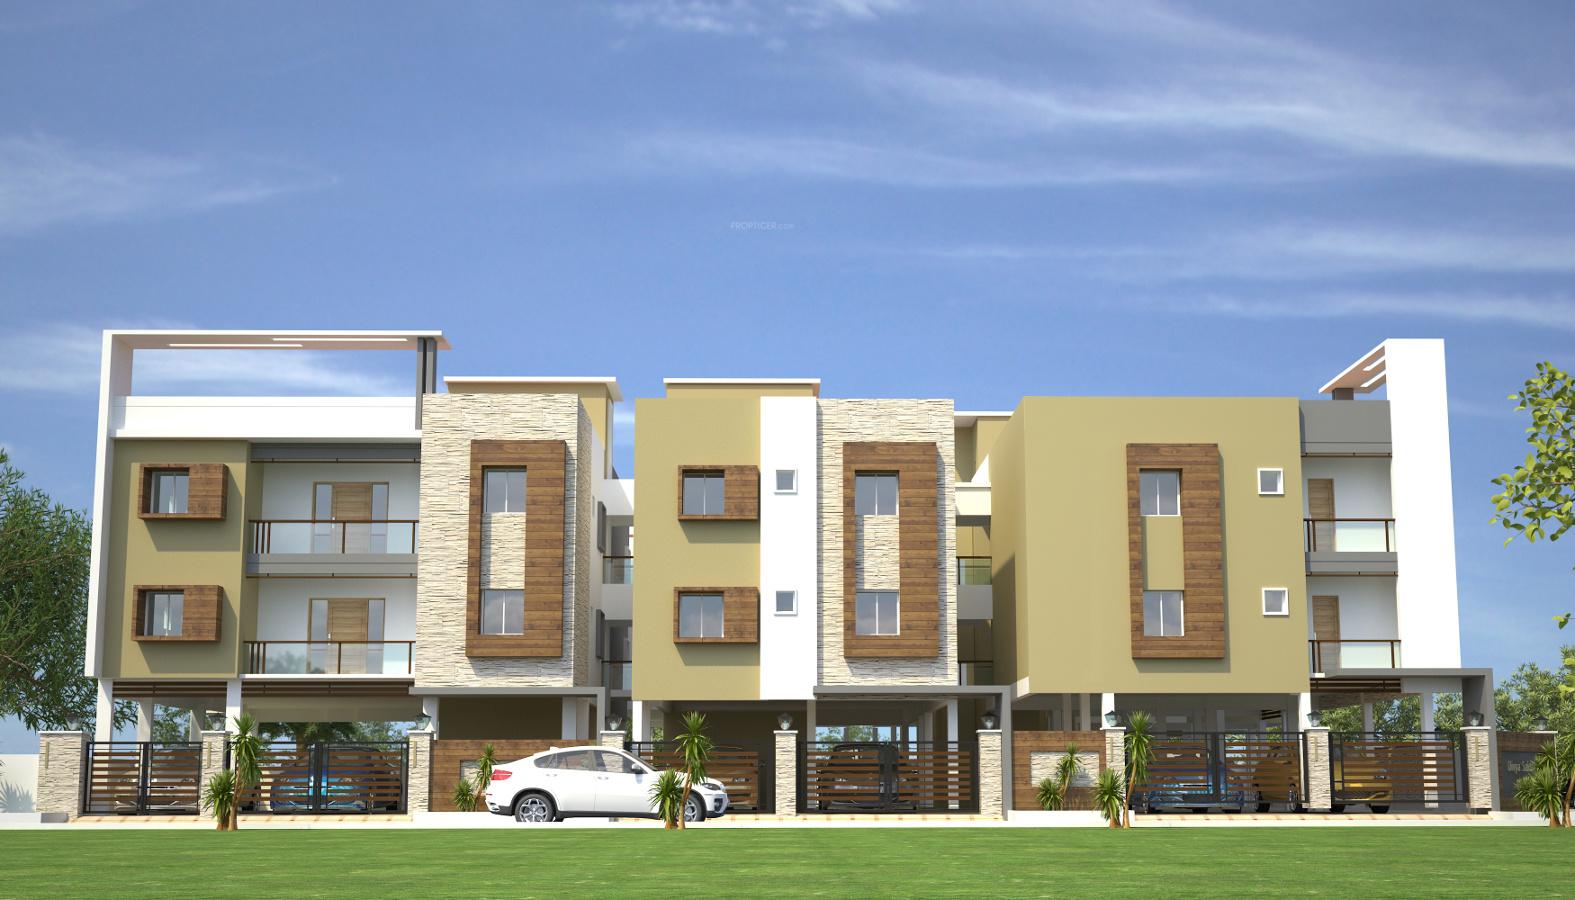 895 Sq Ft 2 Bhk 2t Apartment For Sale In Divya Dipti